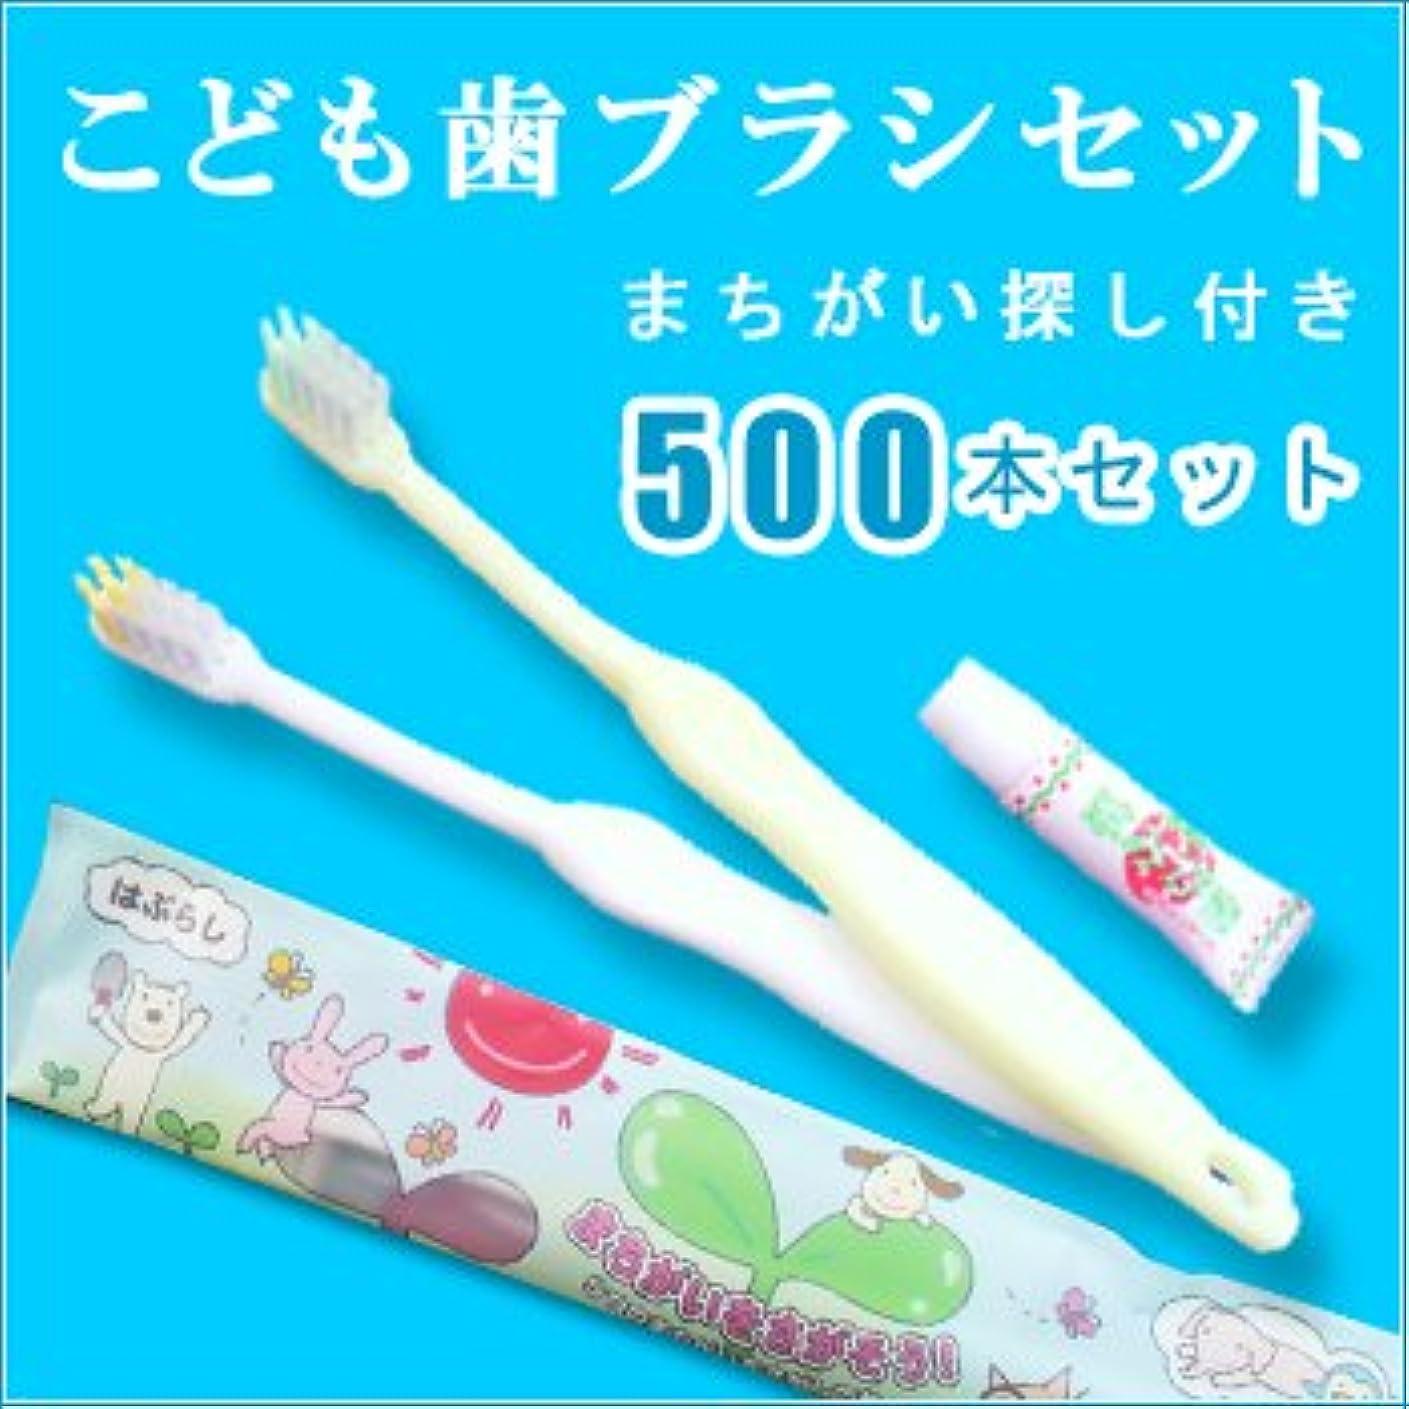 アリ部分的に裕福なこども用歯ブラシ いちご味の歯磨き粉 3gチューブ付 ホワイト?イエロー2色アソート(1セット500本)1本当たり34円